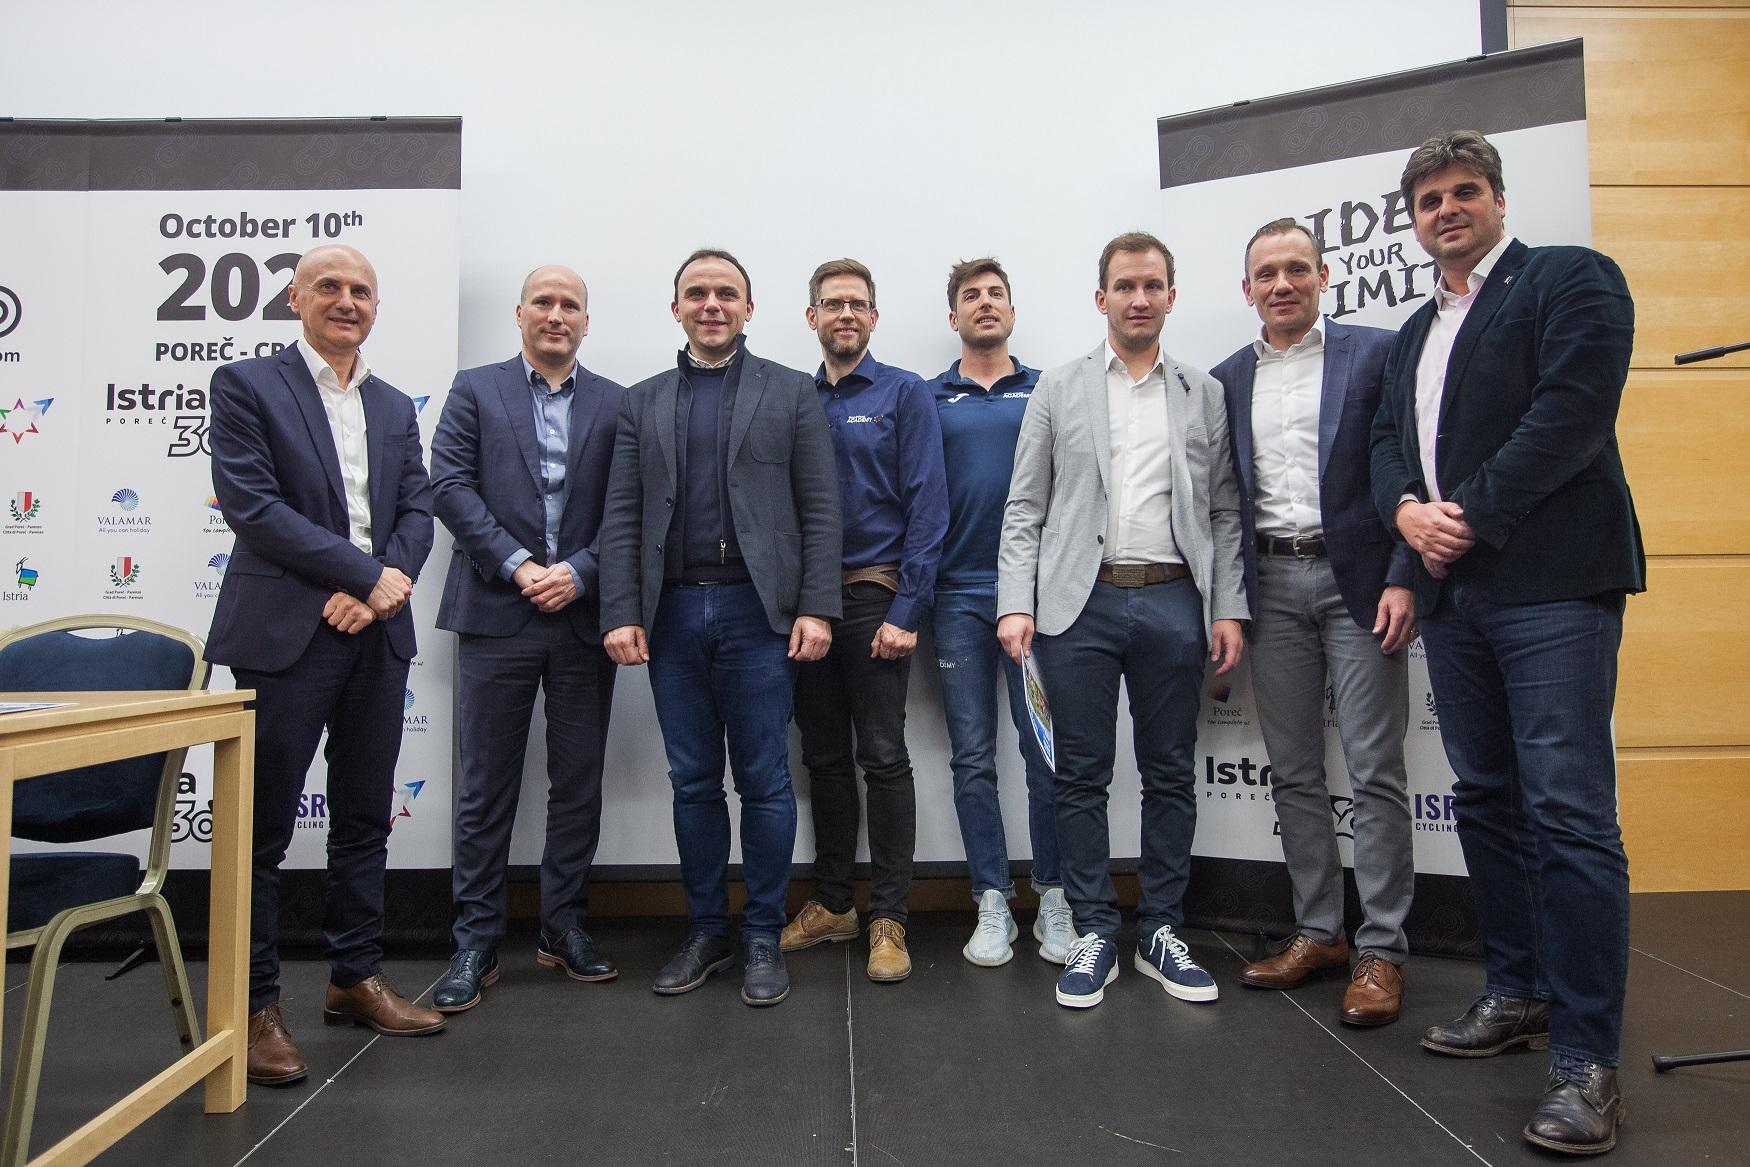 Nenad Velenik, Davor Brenko, Loris Peršurić, Kjell Carlstrom, Davide Cimolai, Julius Rupitsch, Vladimir Miholjević, Valter Glavičić.jpg (751 KB)